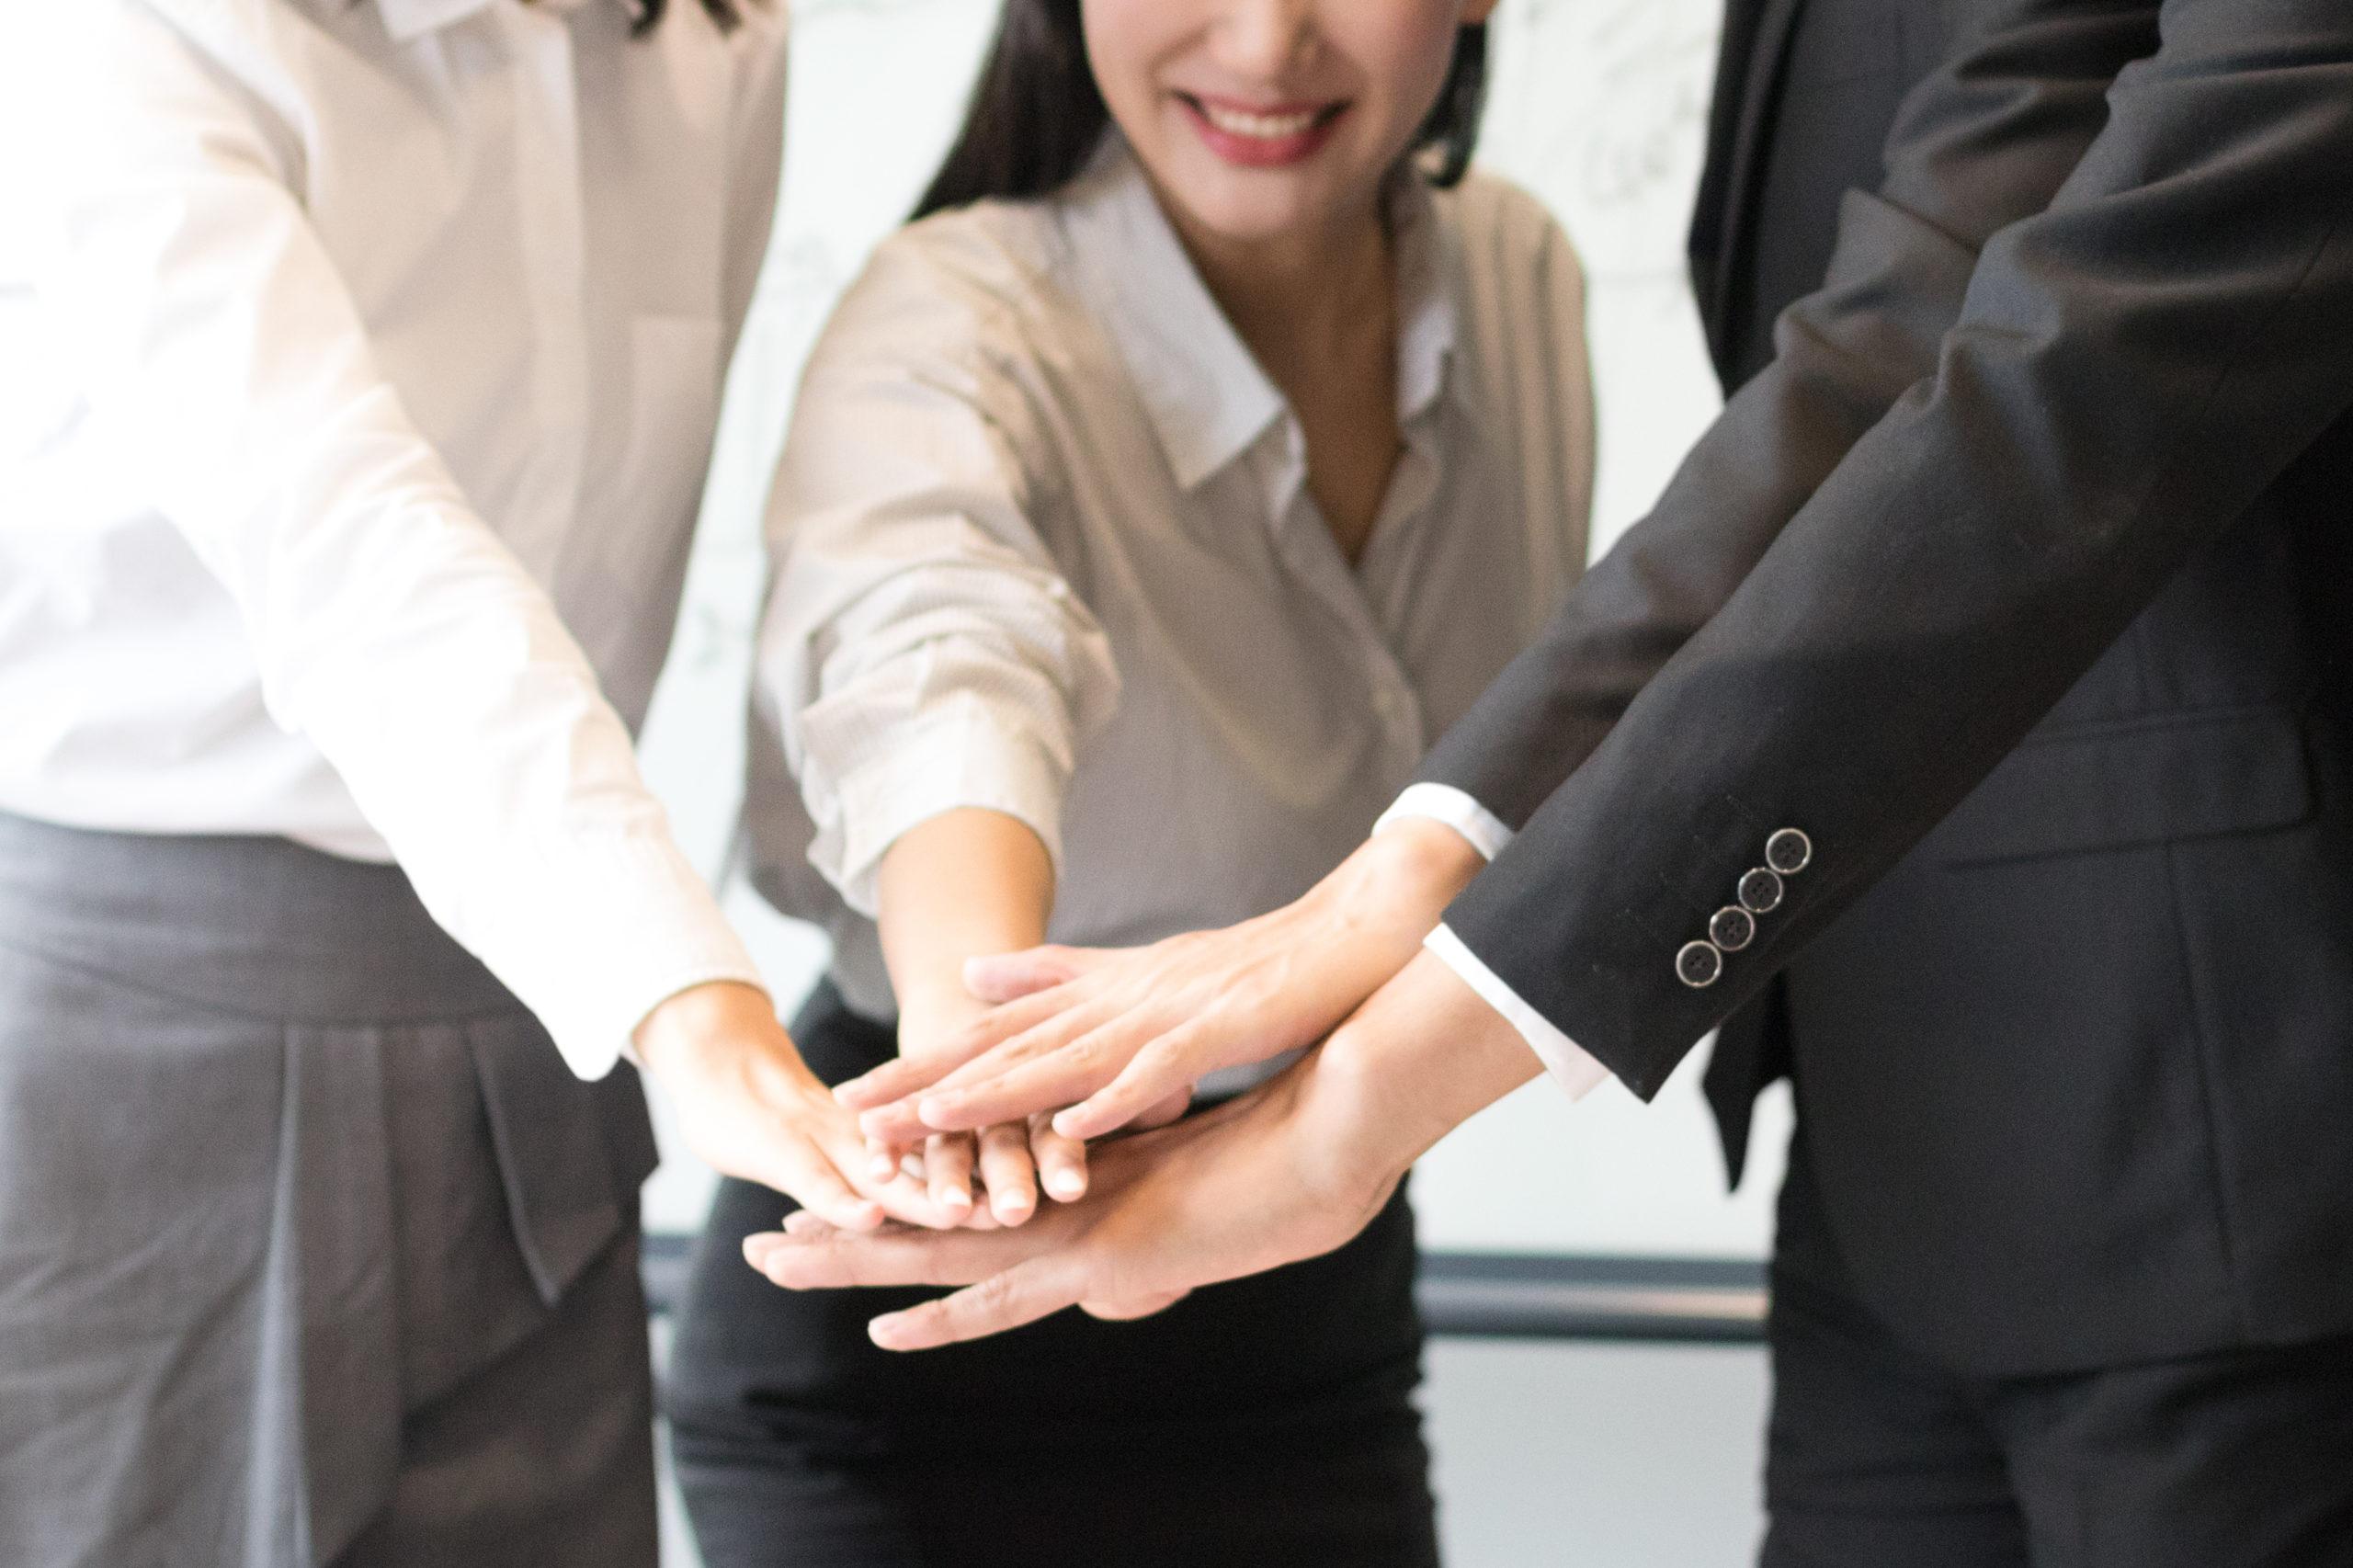 אנשי עסקים מניחים יד על יד